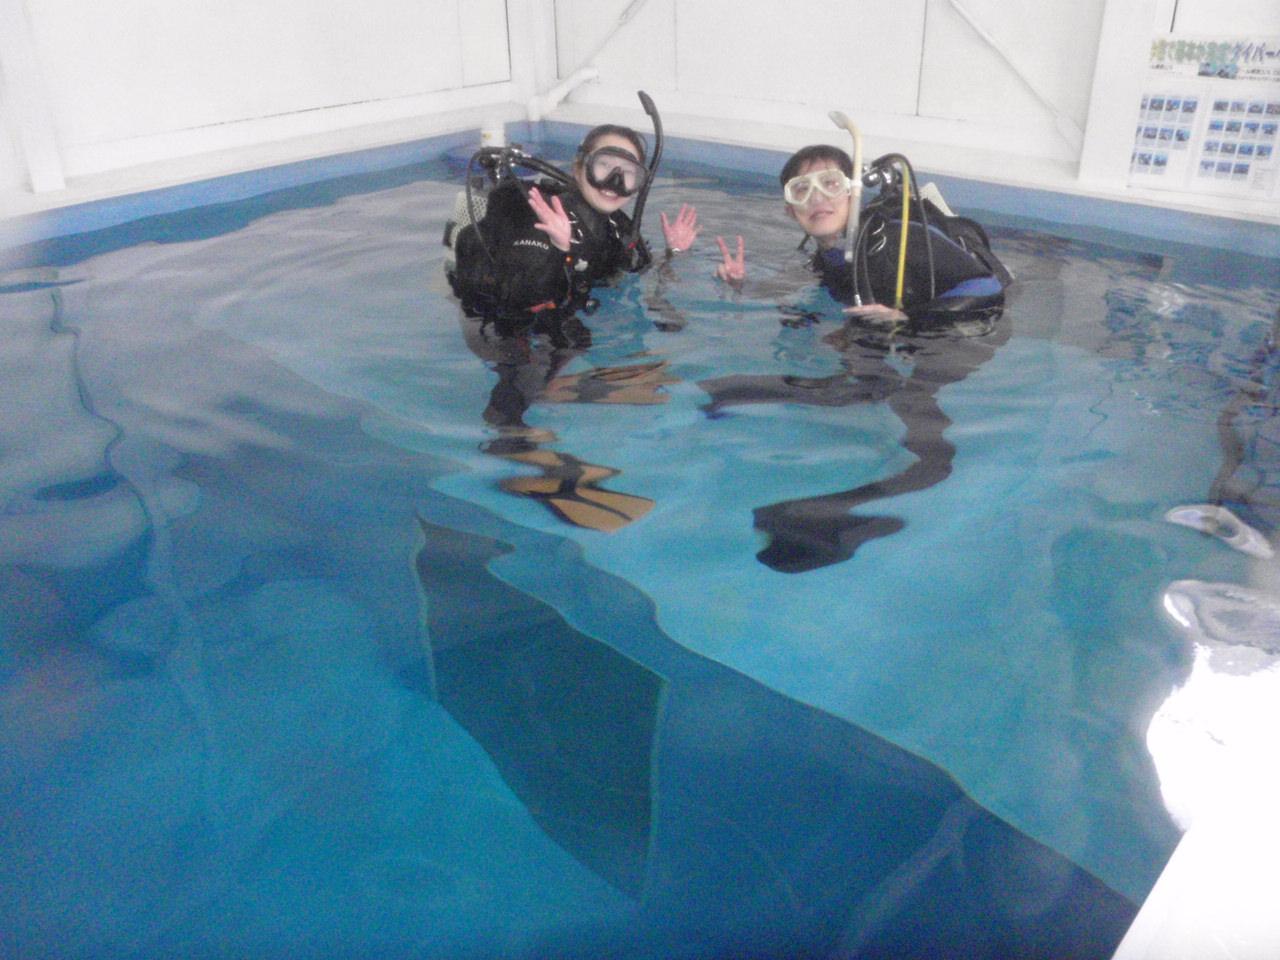 店内プールでスグにじっくりリフレッシュダイビング!